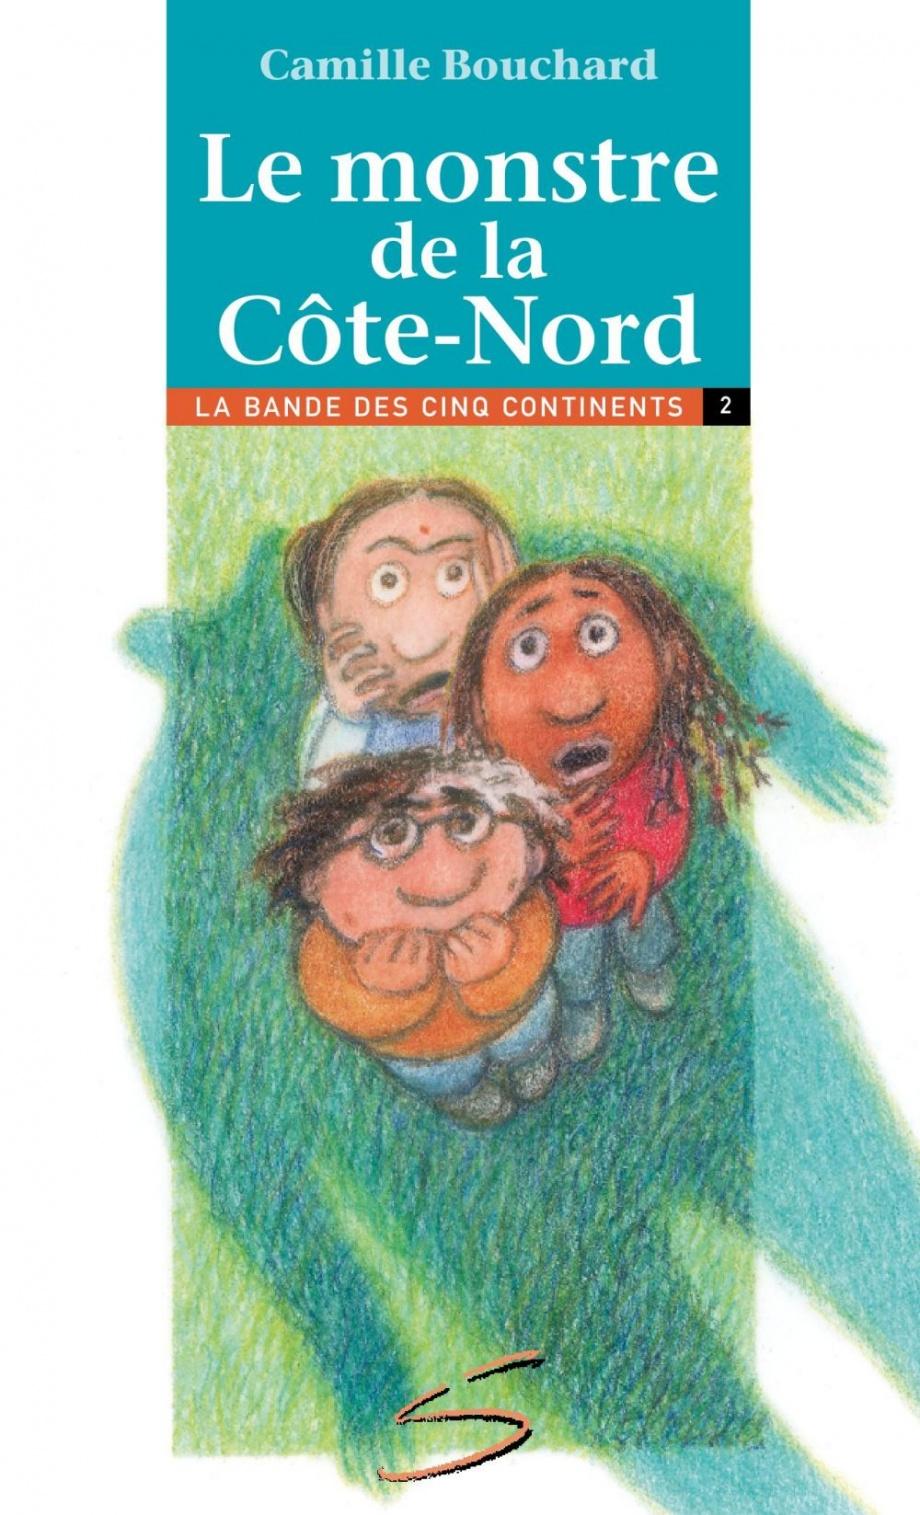 Le monstre de la Côte-Nord : la deuxième aventure de la bande des cinq continents : un roman